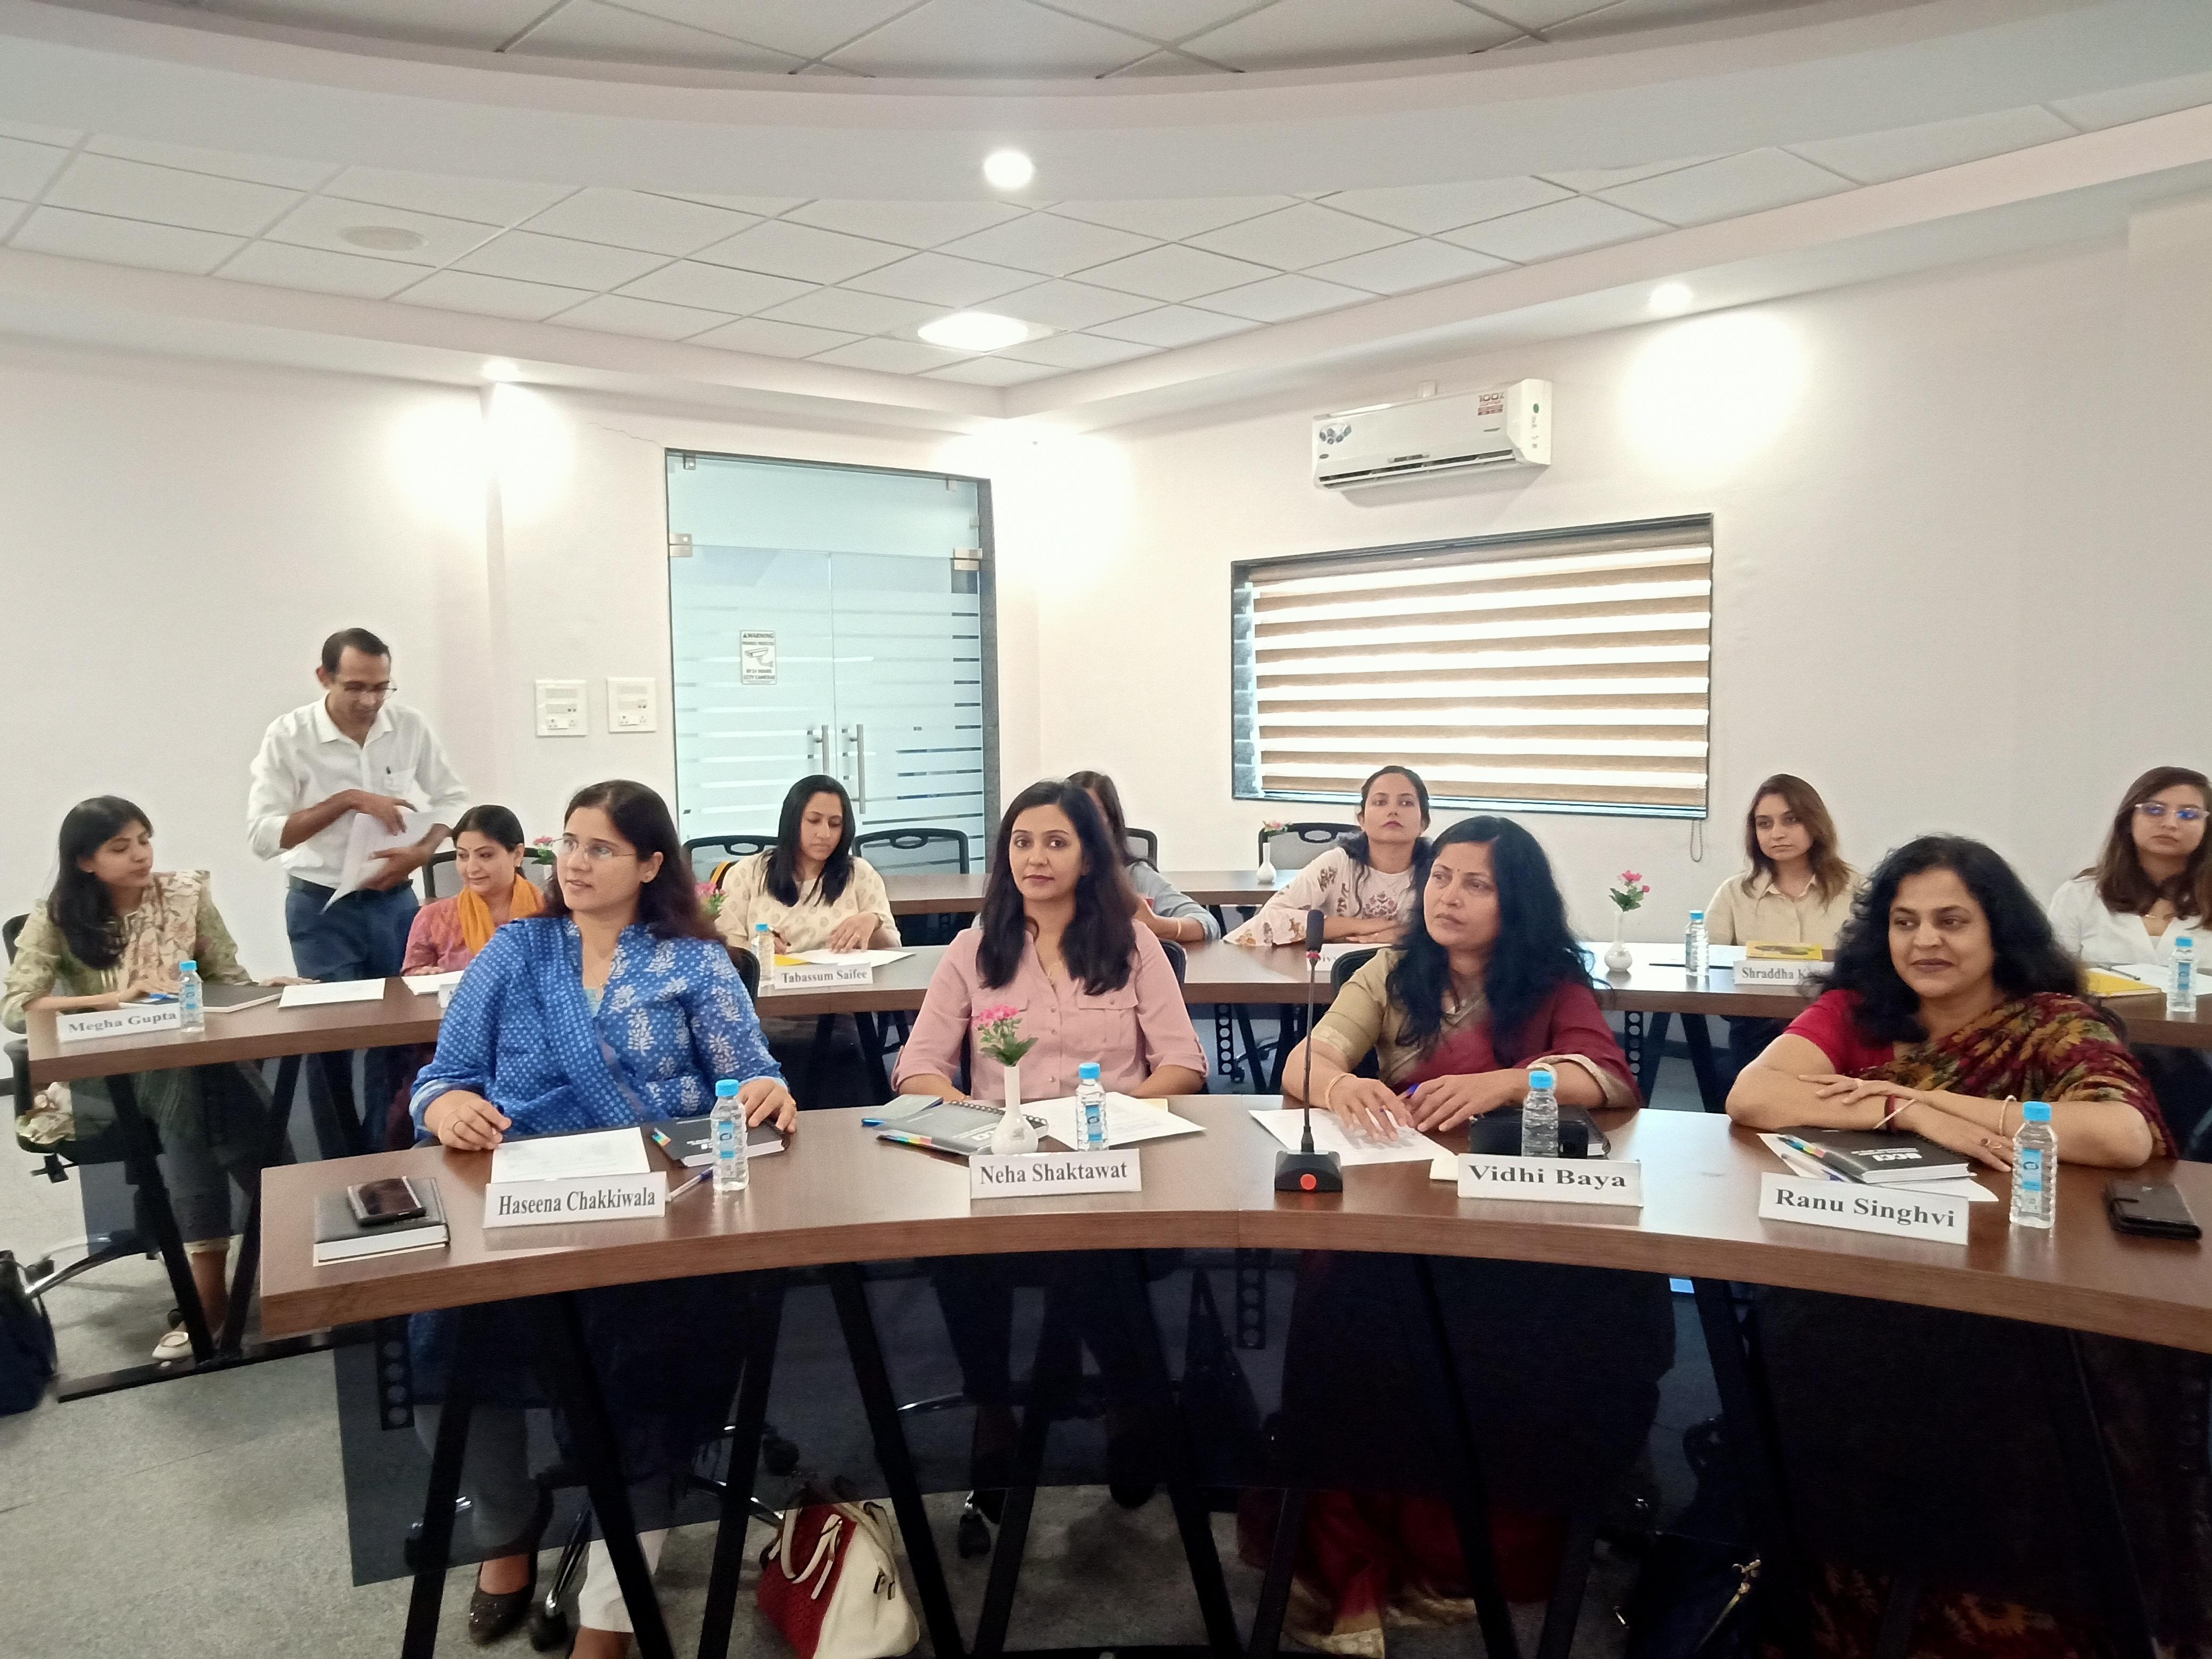 व्यवसाय में महिला उद्यमी अधिक सफल ः प्रो. वसंति श्रीनिवासन